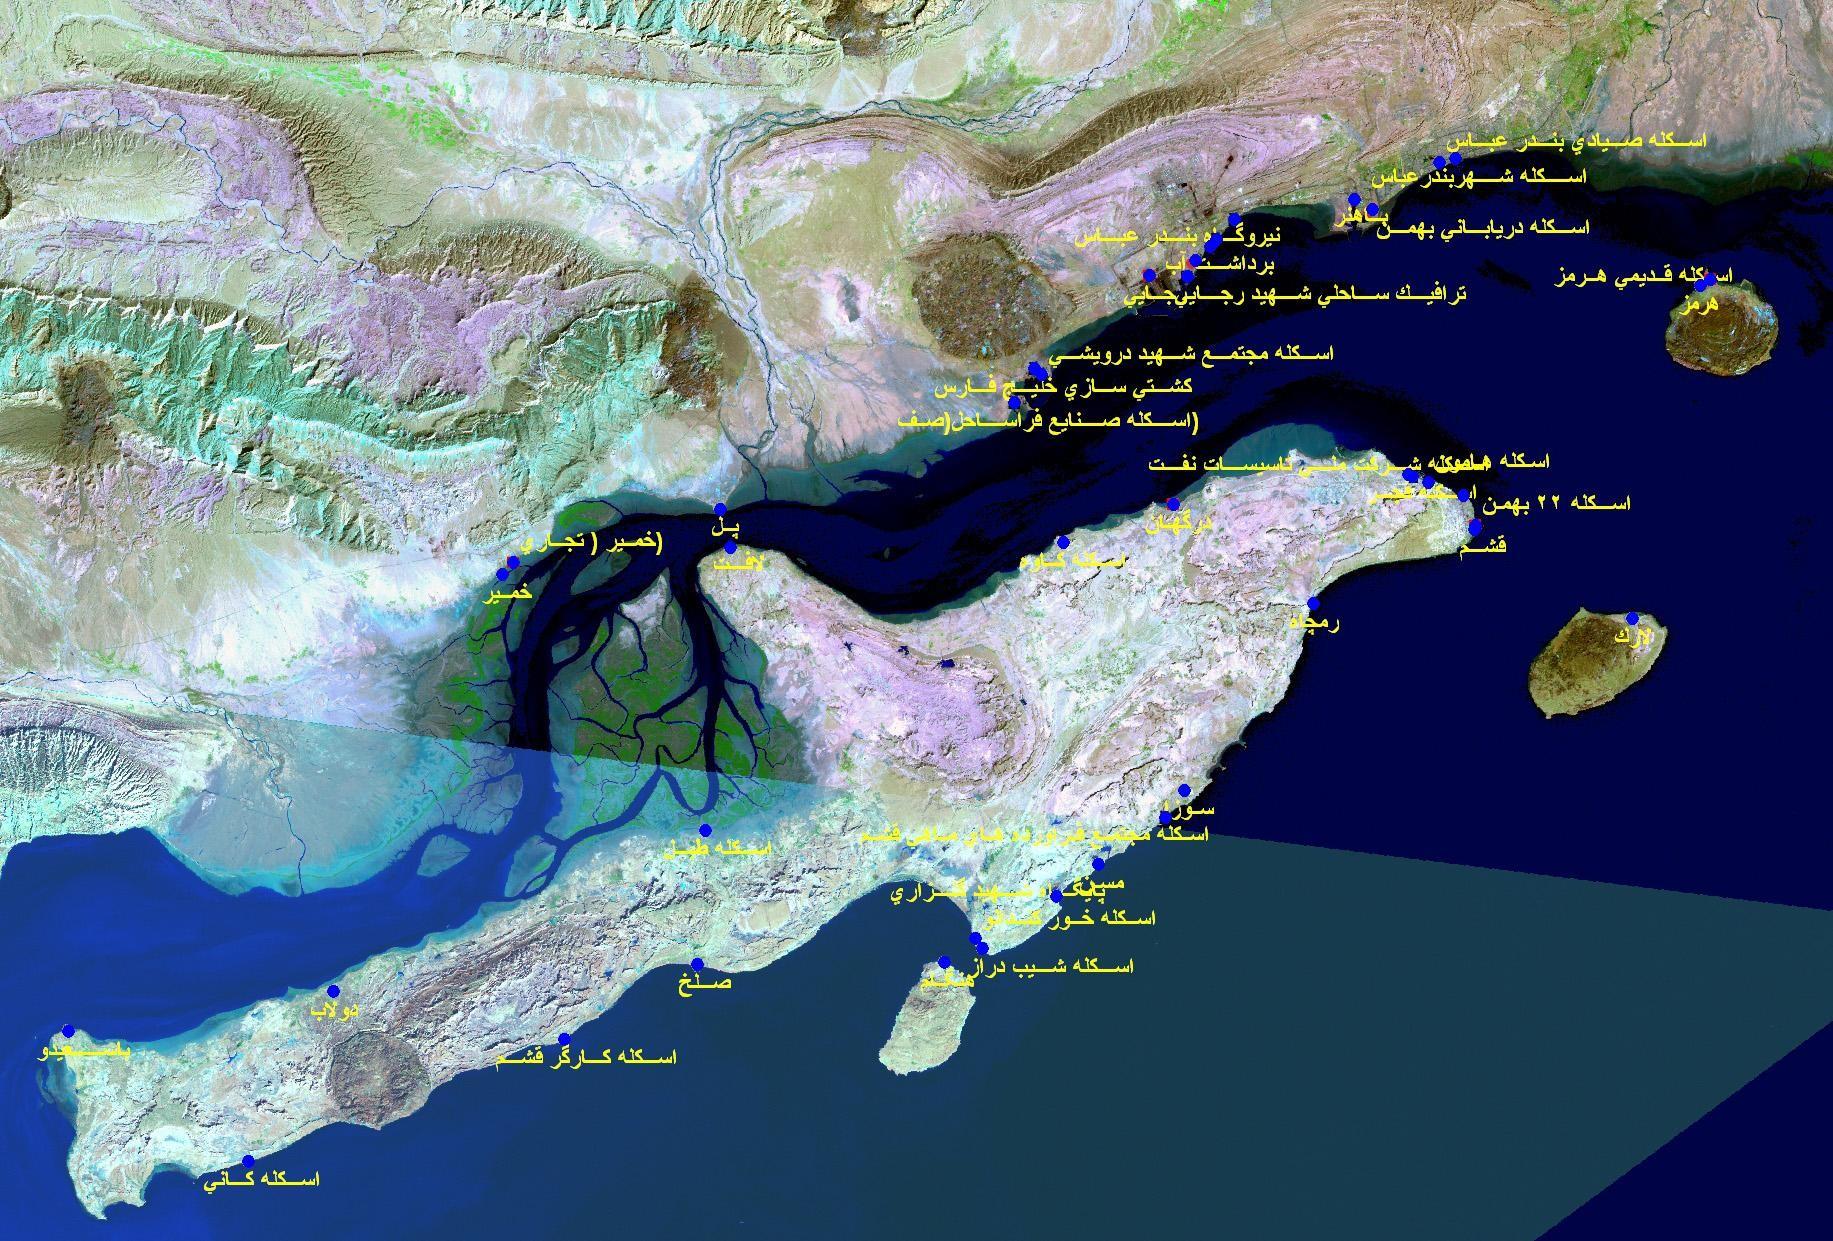 جانمایی بنادر و اسکله های استان هرمزگان ( سواحل مرکزی ) بر روی تصویر ماهواره ای ETM